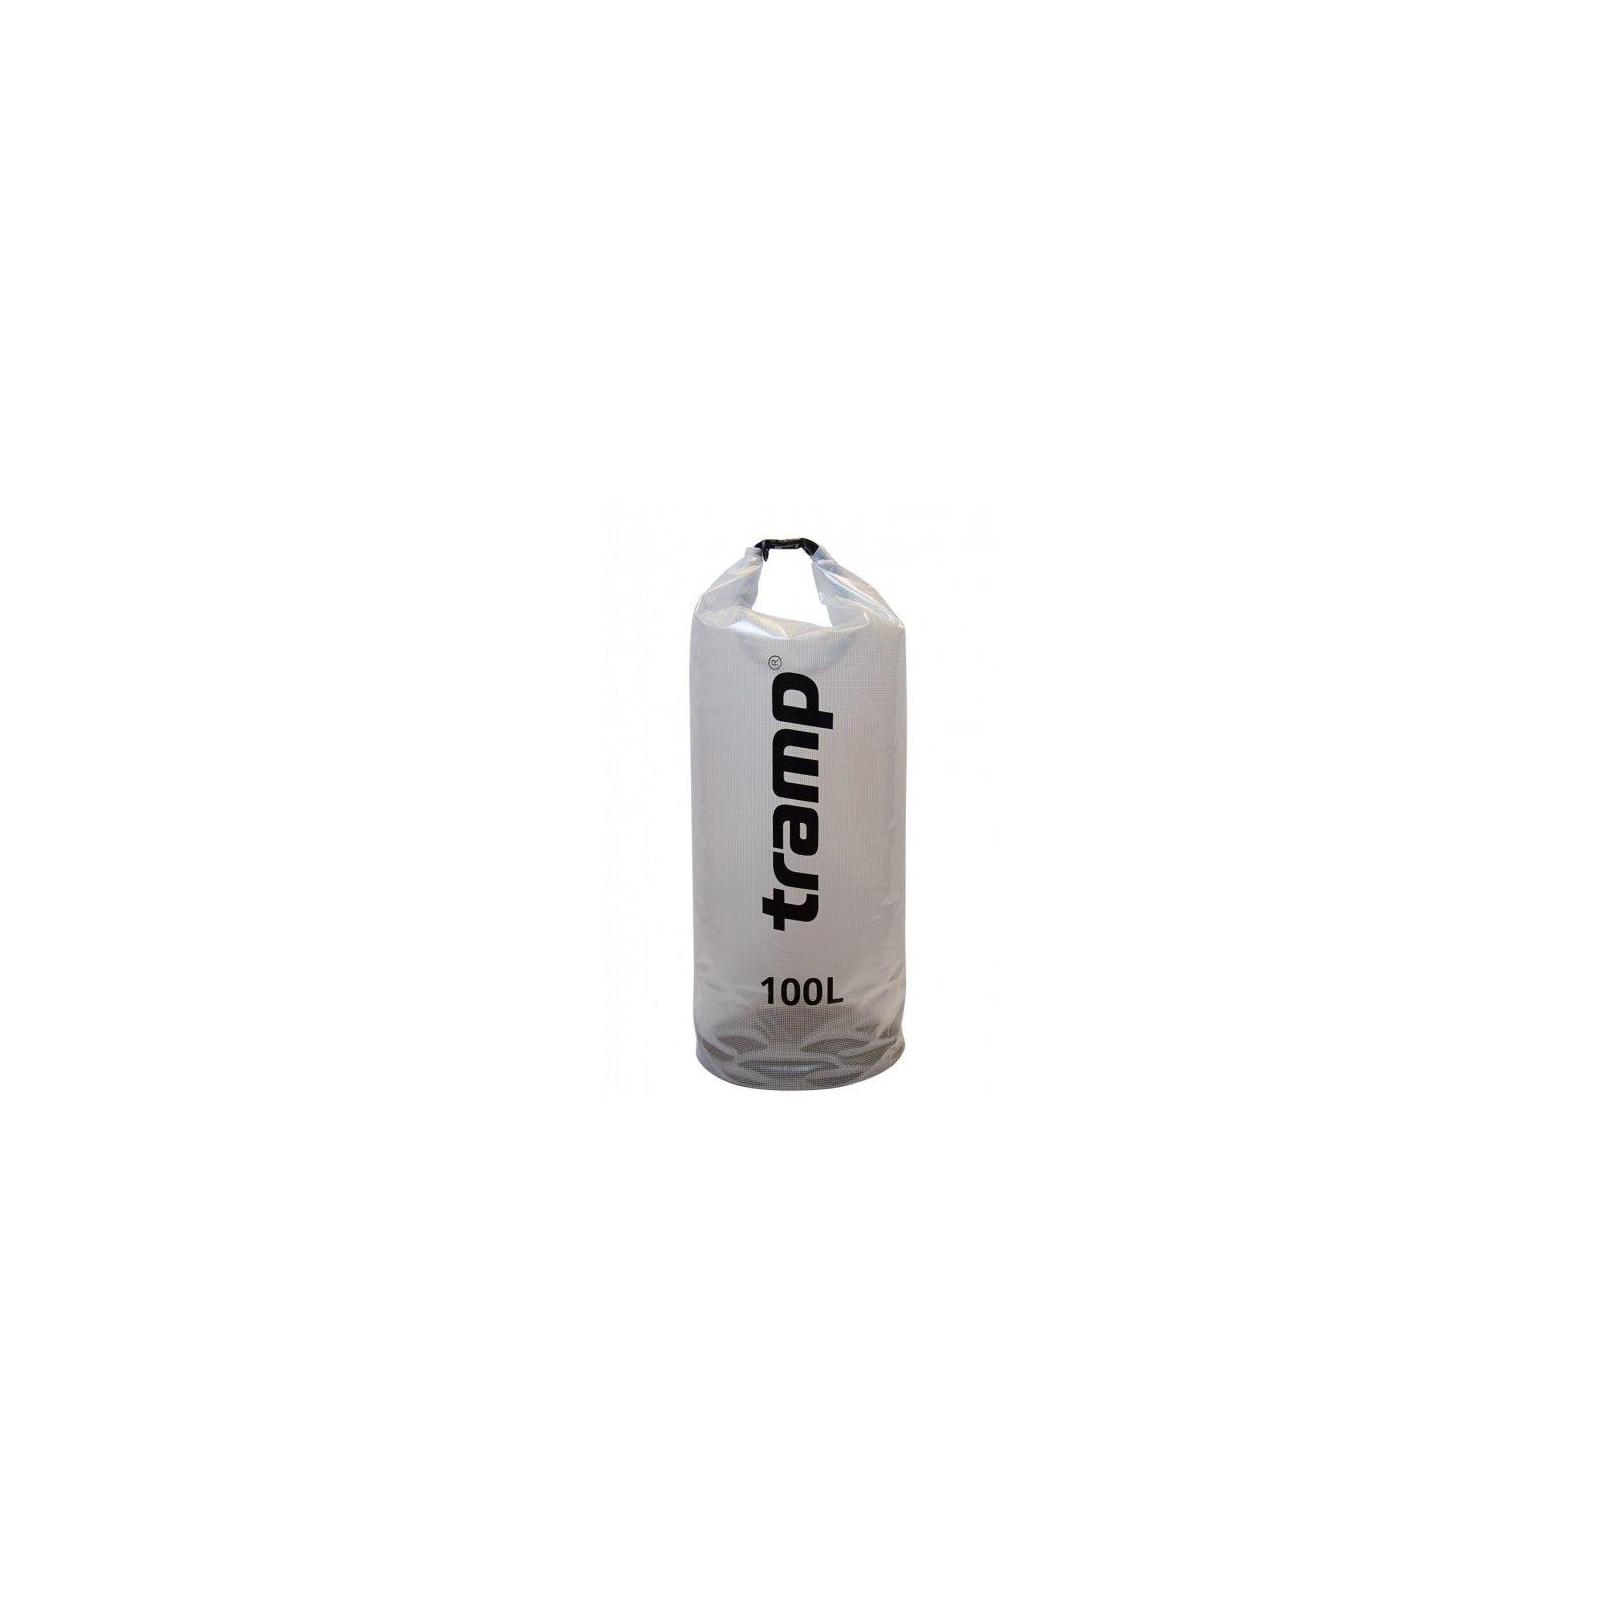 Гермомешок Tramp прозрачный 100л (TRA-109)